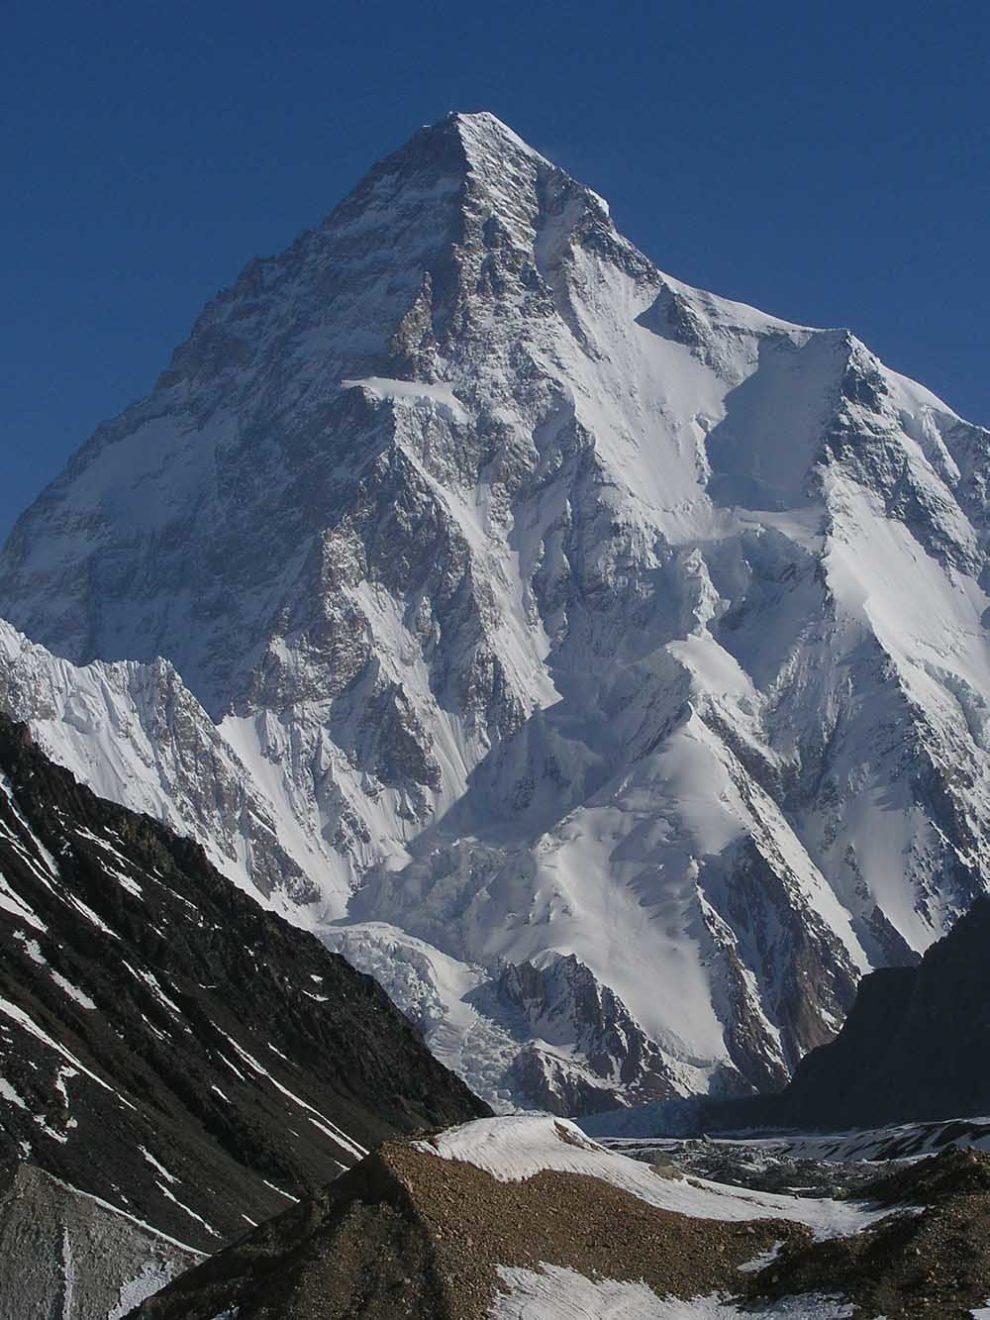 u Pakistanu se nalazi čuvena himalajska planina K2 koja je visoka 8.611 metara nadmorske visine što je čini drugim po visini planinskim vrhom na zemlji i proteže se preko granice Pakistana i Kine u regionu Kašmir - foto: AdamJacobMuller / Wikimedia